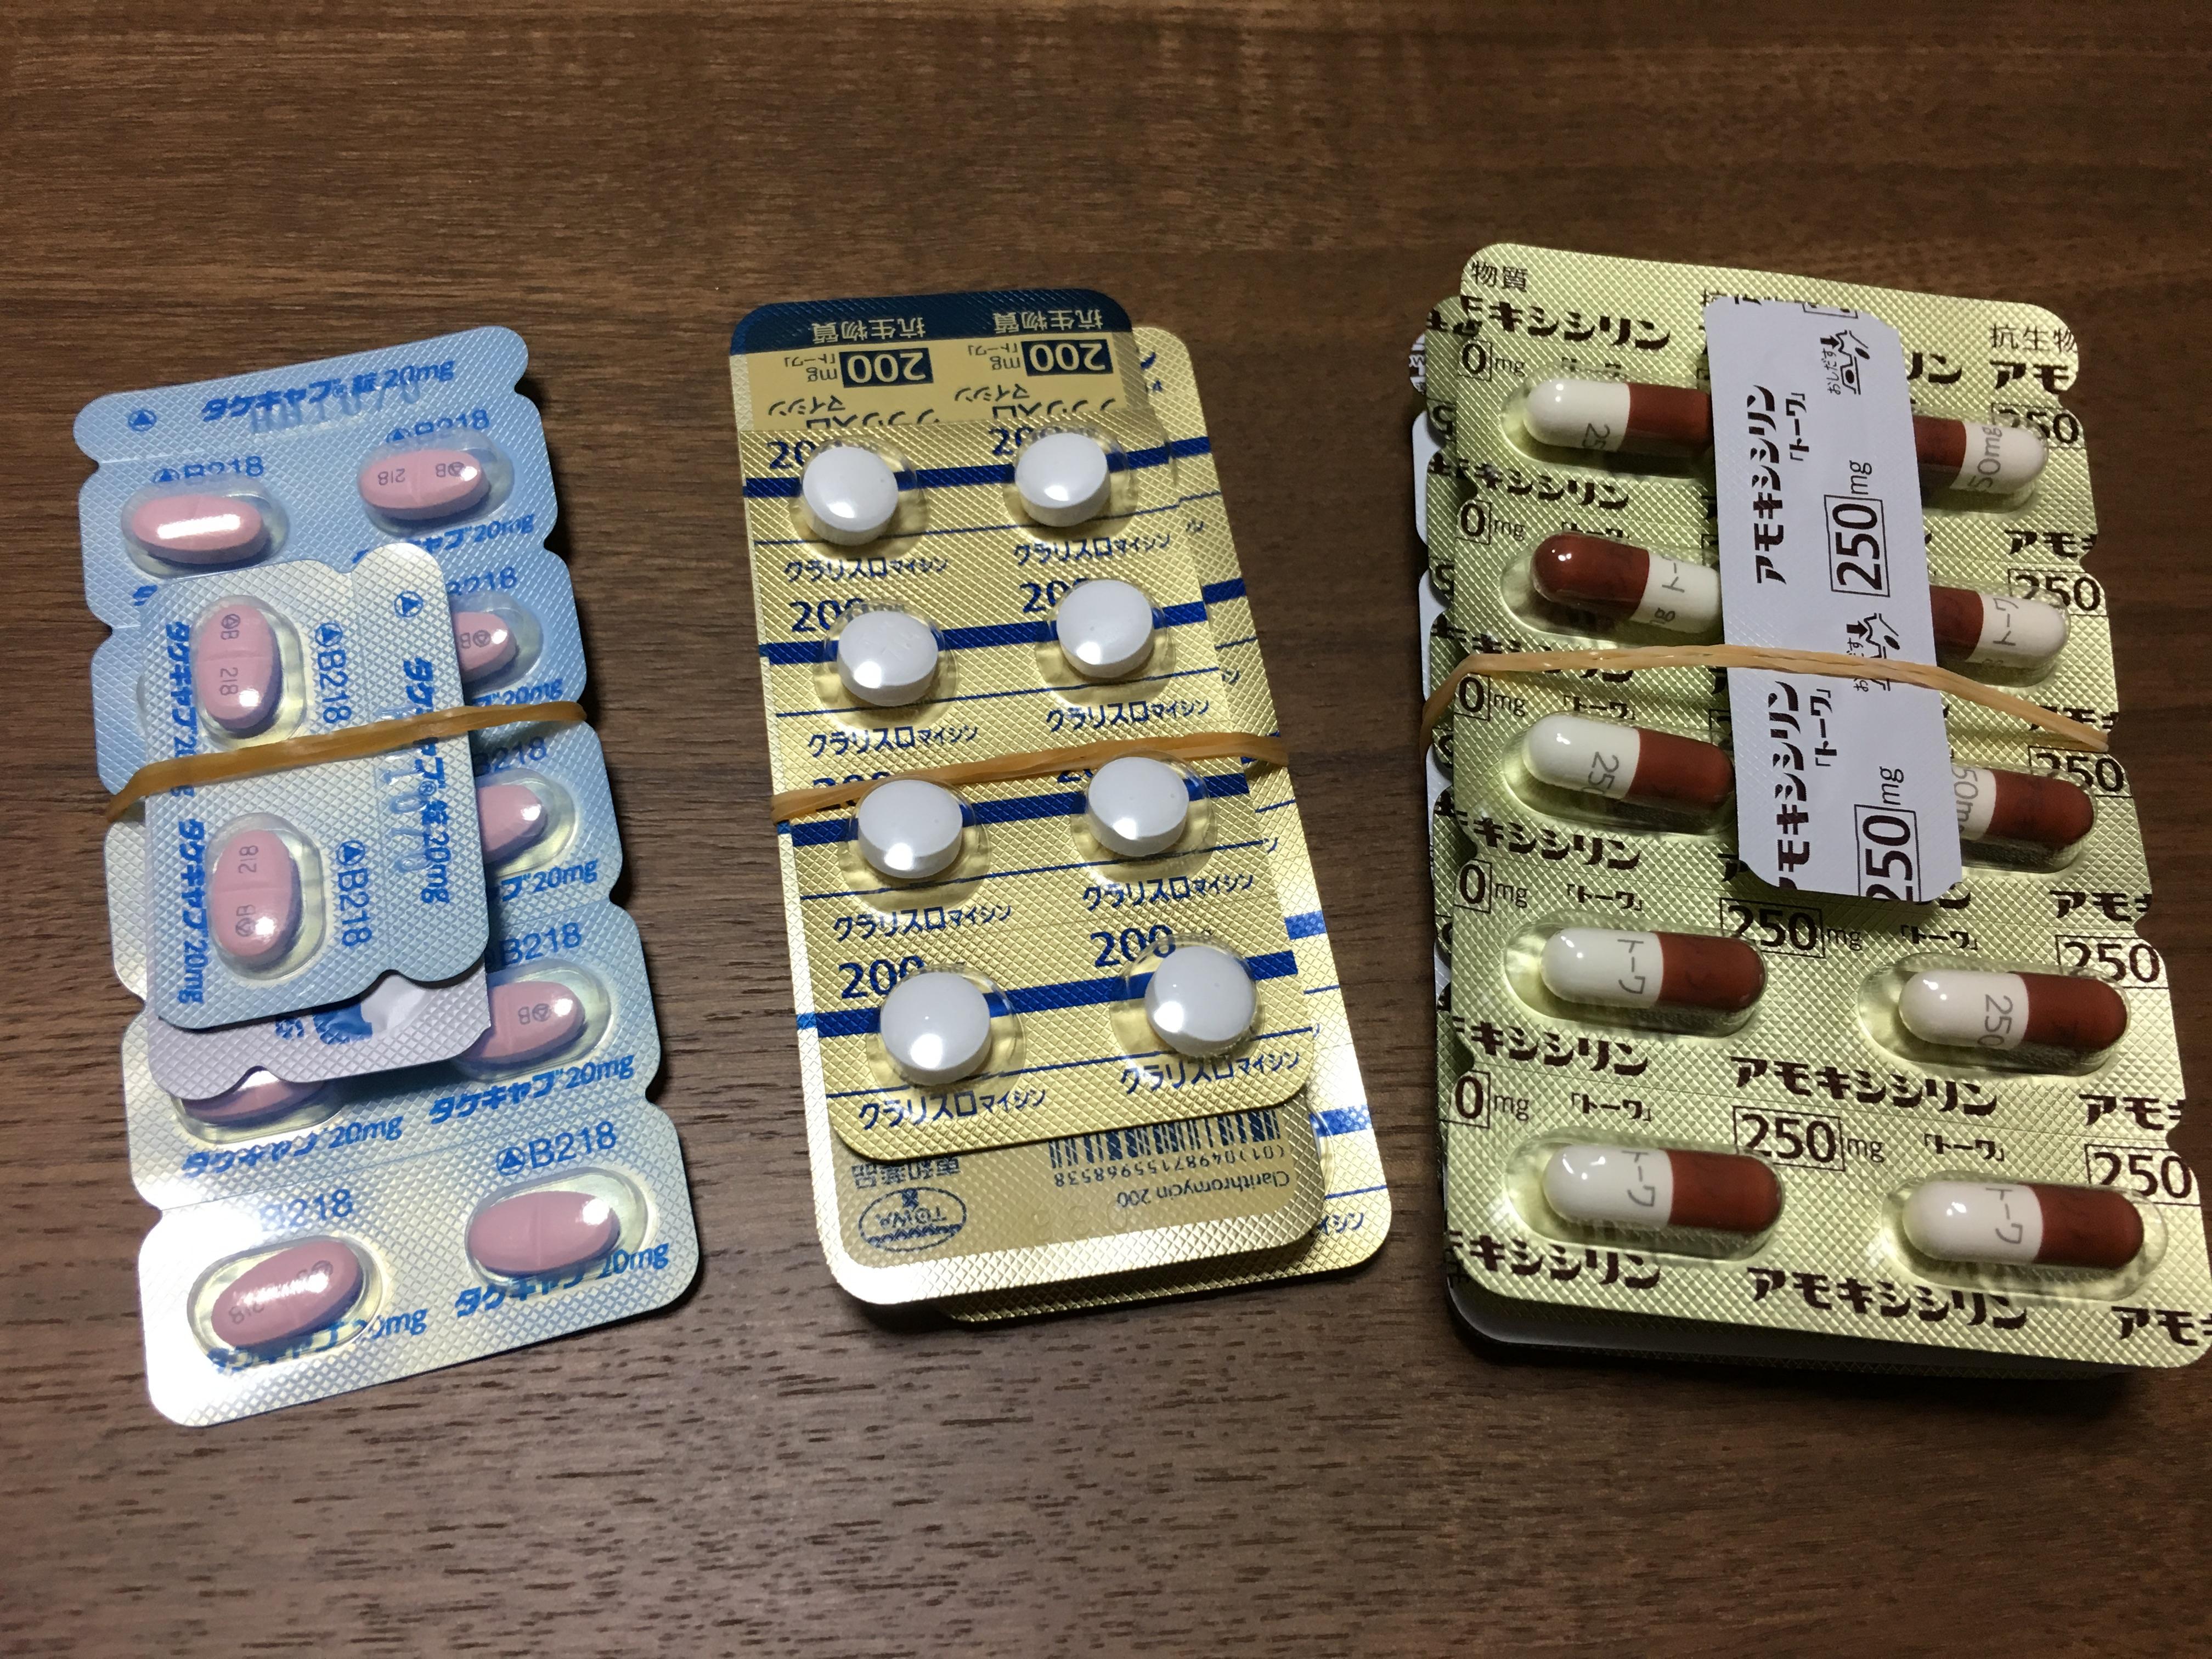 ピロリ菌の除菌に使う薬の写真